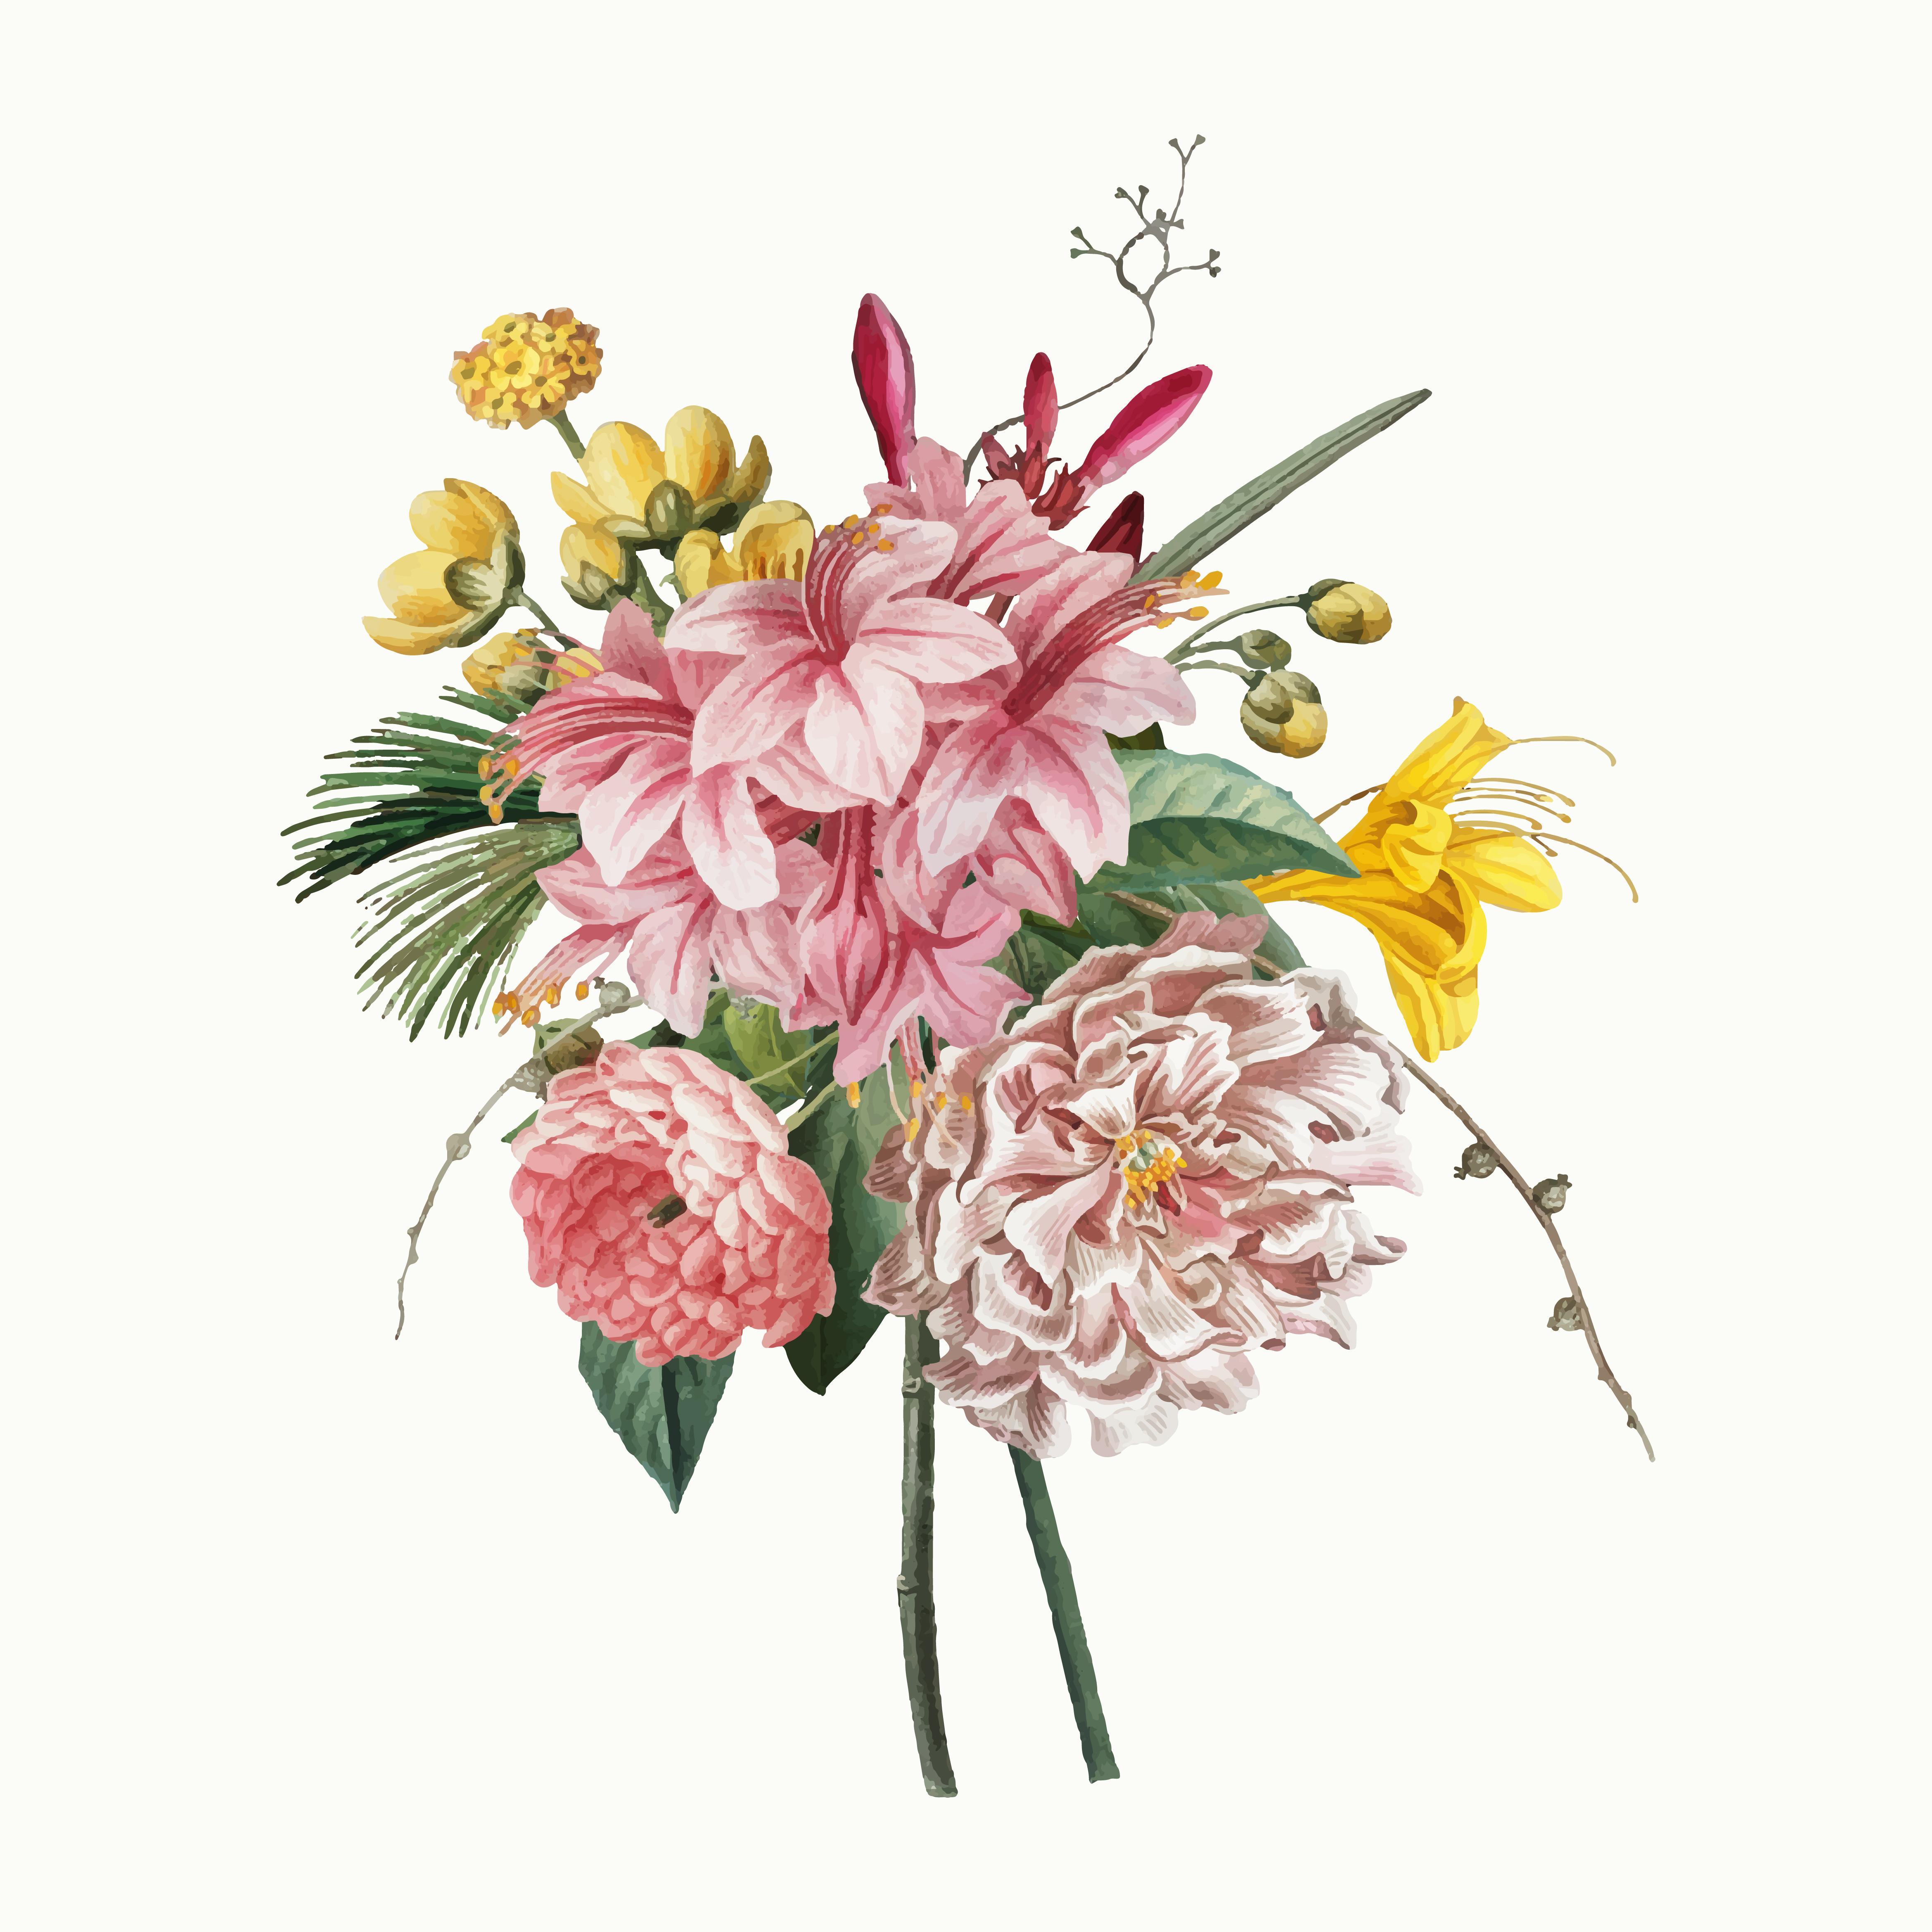 Vintage flower bouquet - Download Free Vectors, Clipart ...